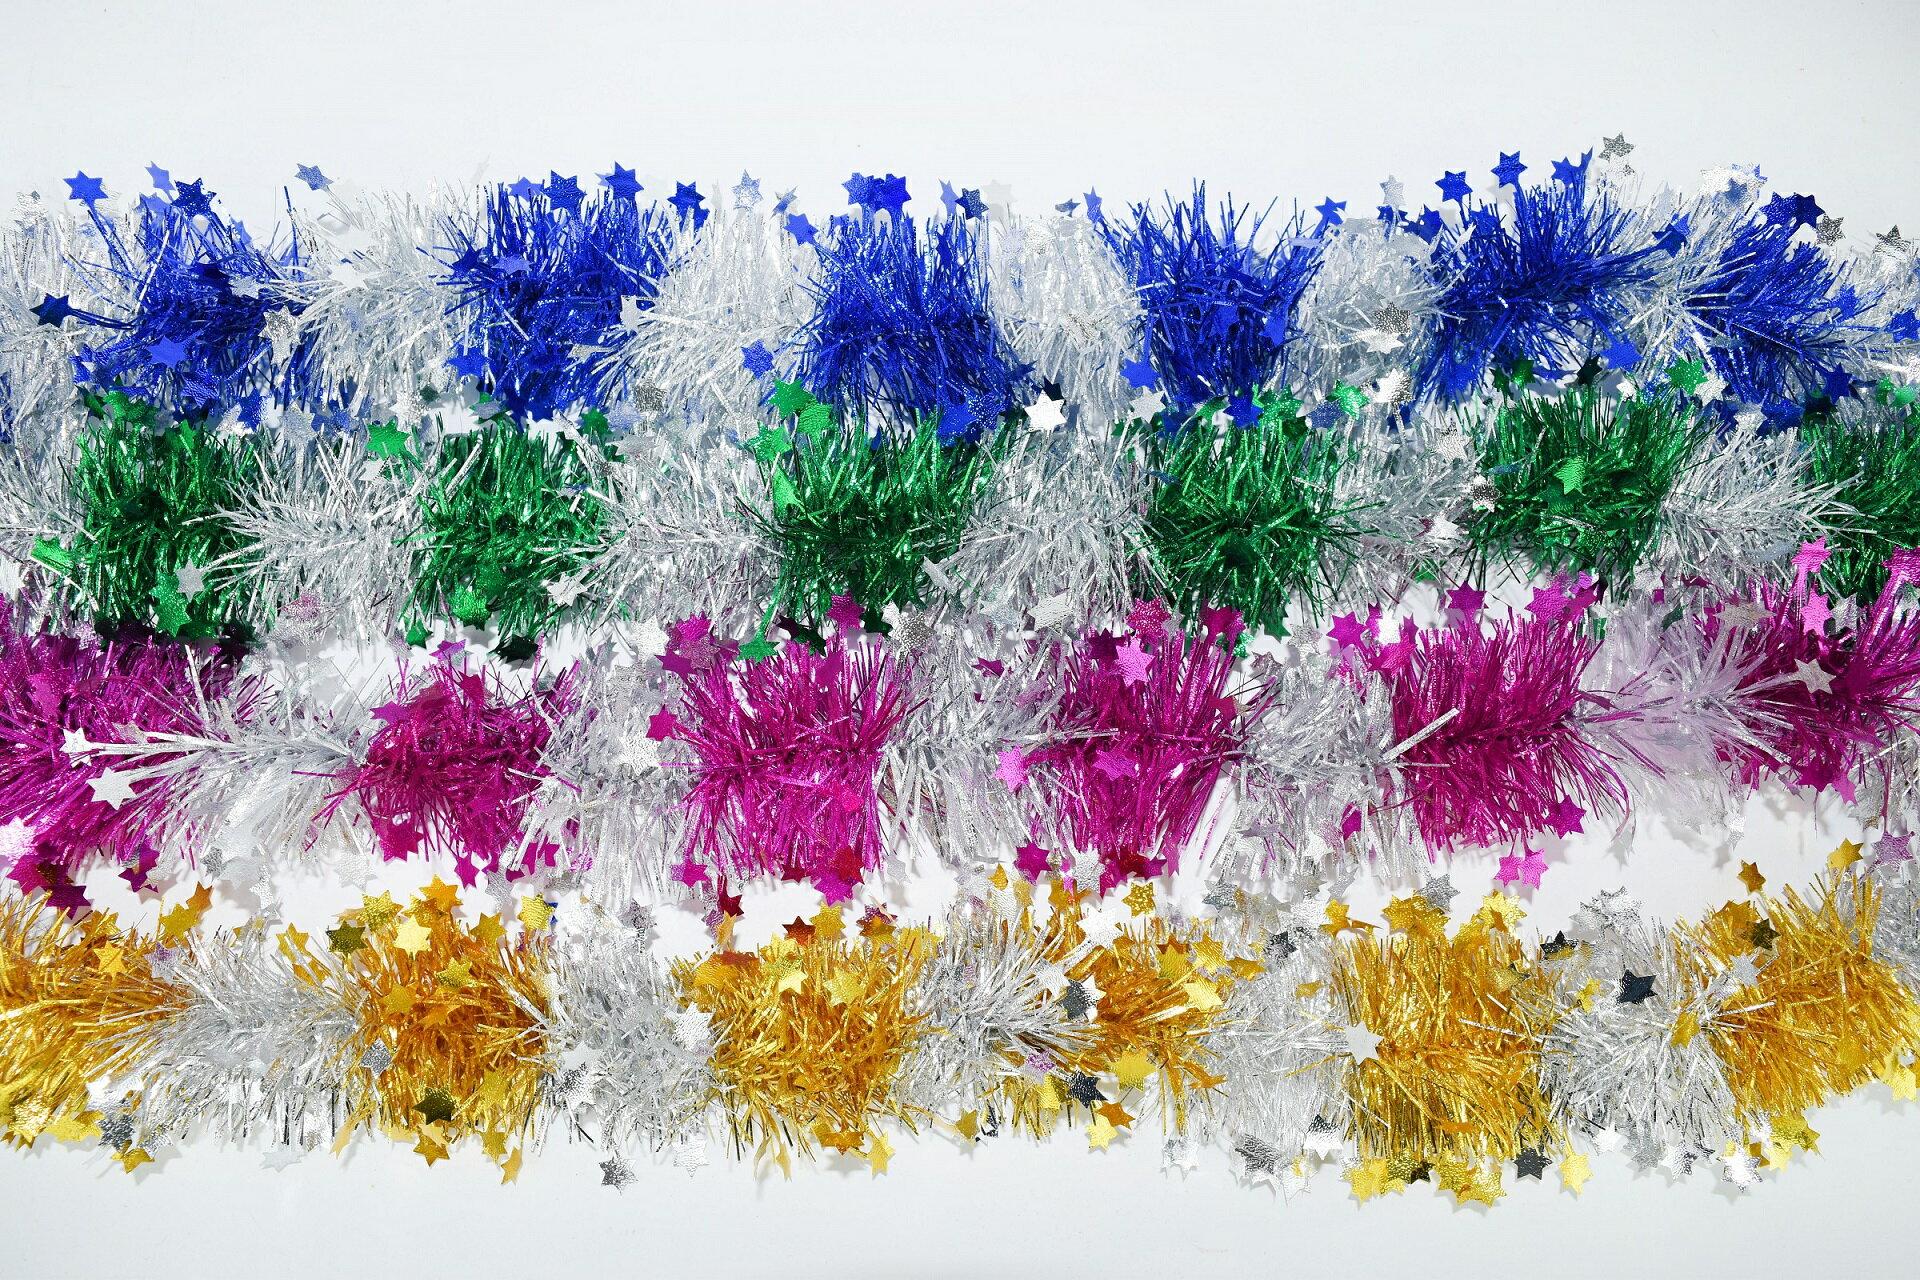 X射線 段色五星金蔥彩條(綜合下標區),聖誕節/彩條/佈置/裝飾/擺飾/會場佈置/交換禮物/金蔥條/櫥窗/店面裝飾/道具/吊飾